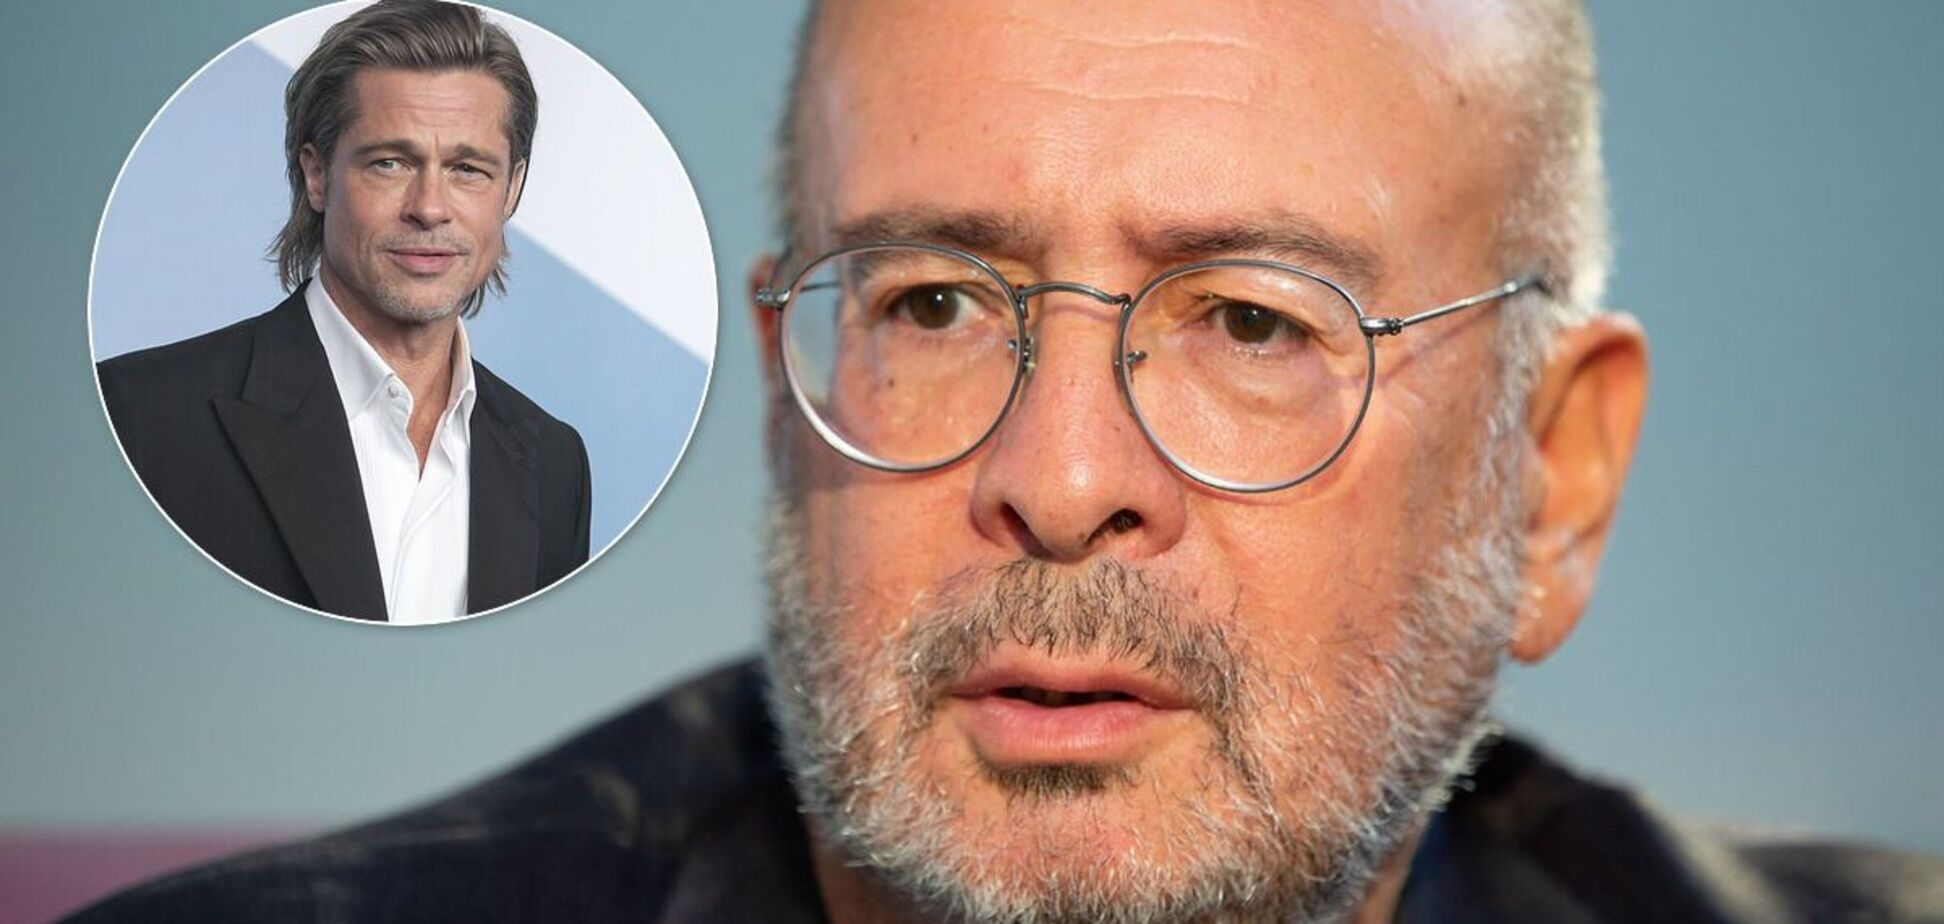 'VIP-сводник' Листерман рассказал, как устроил личную жизнь украинским политикам и Брэду Питту